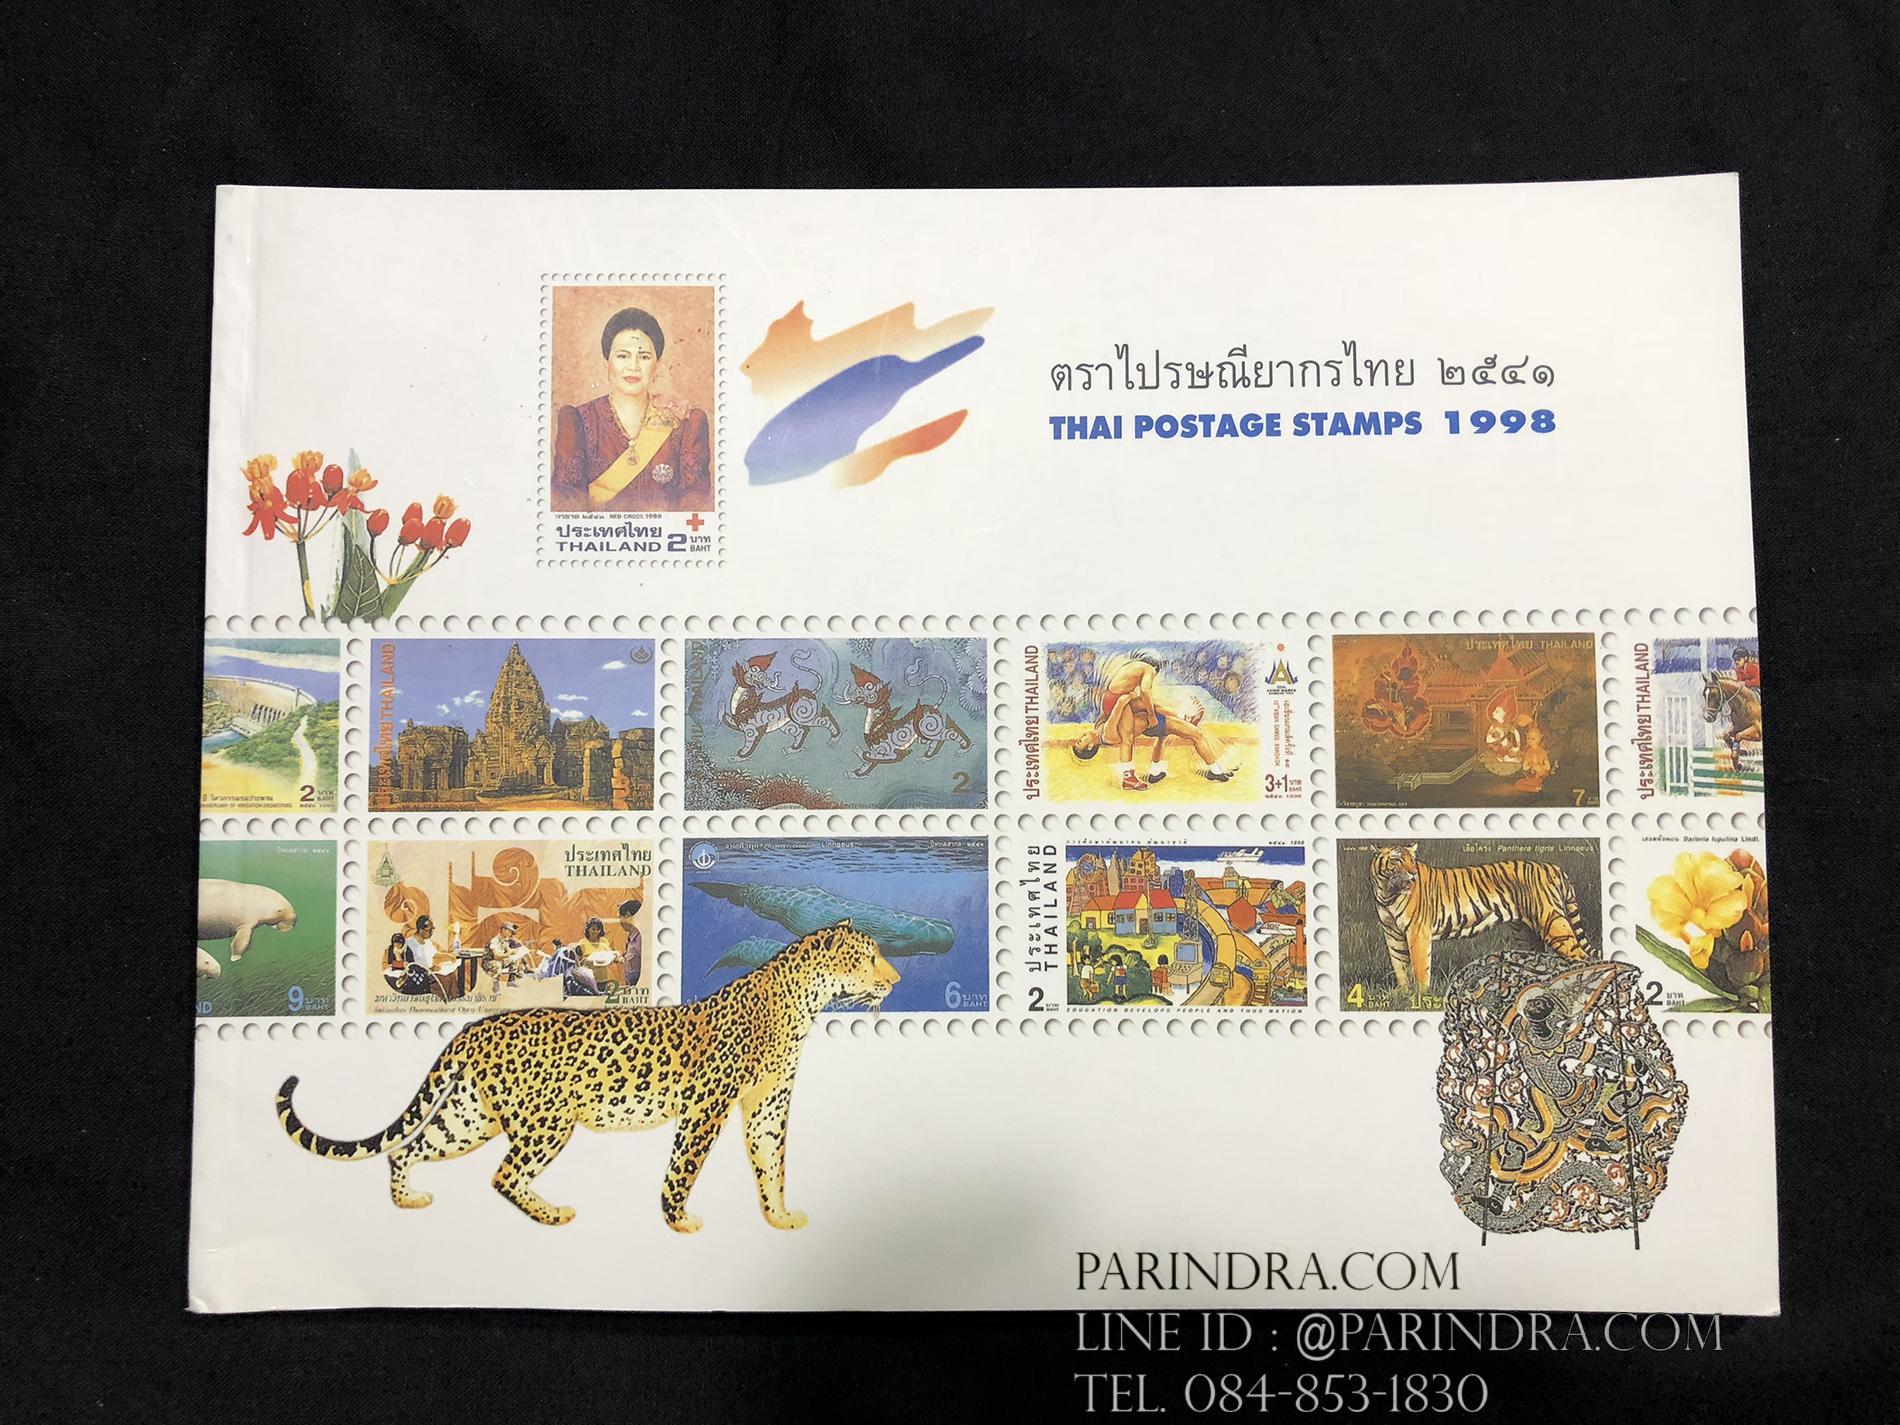 สมุดตราไปรษณียากรไทย ประจำปี 2541